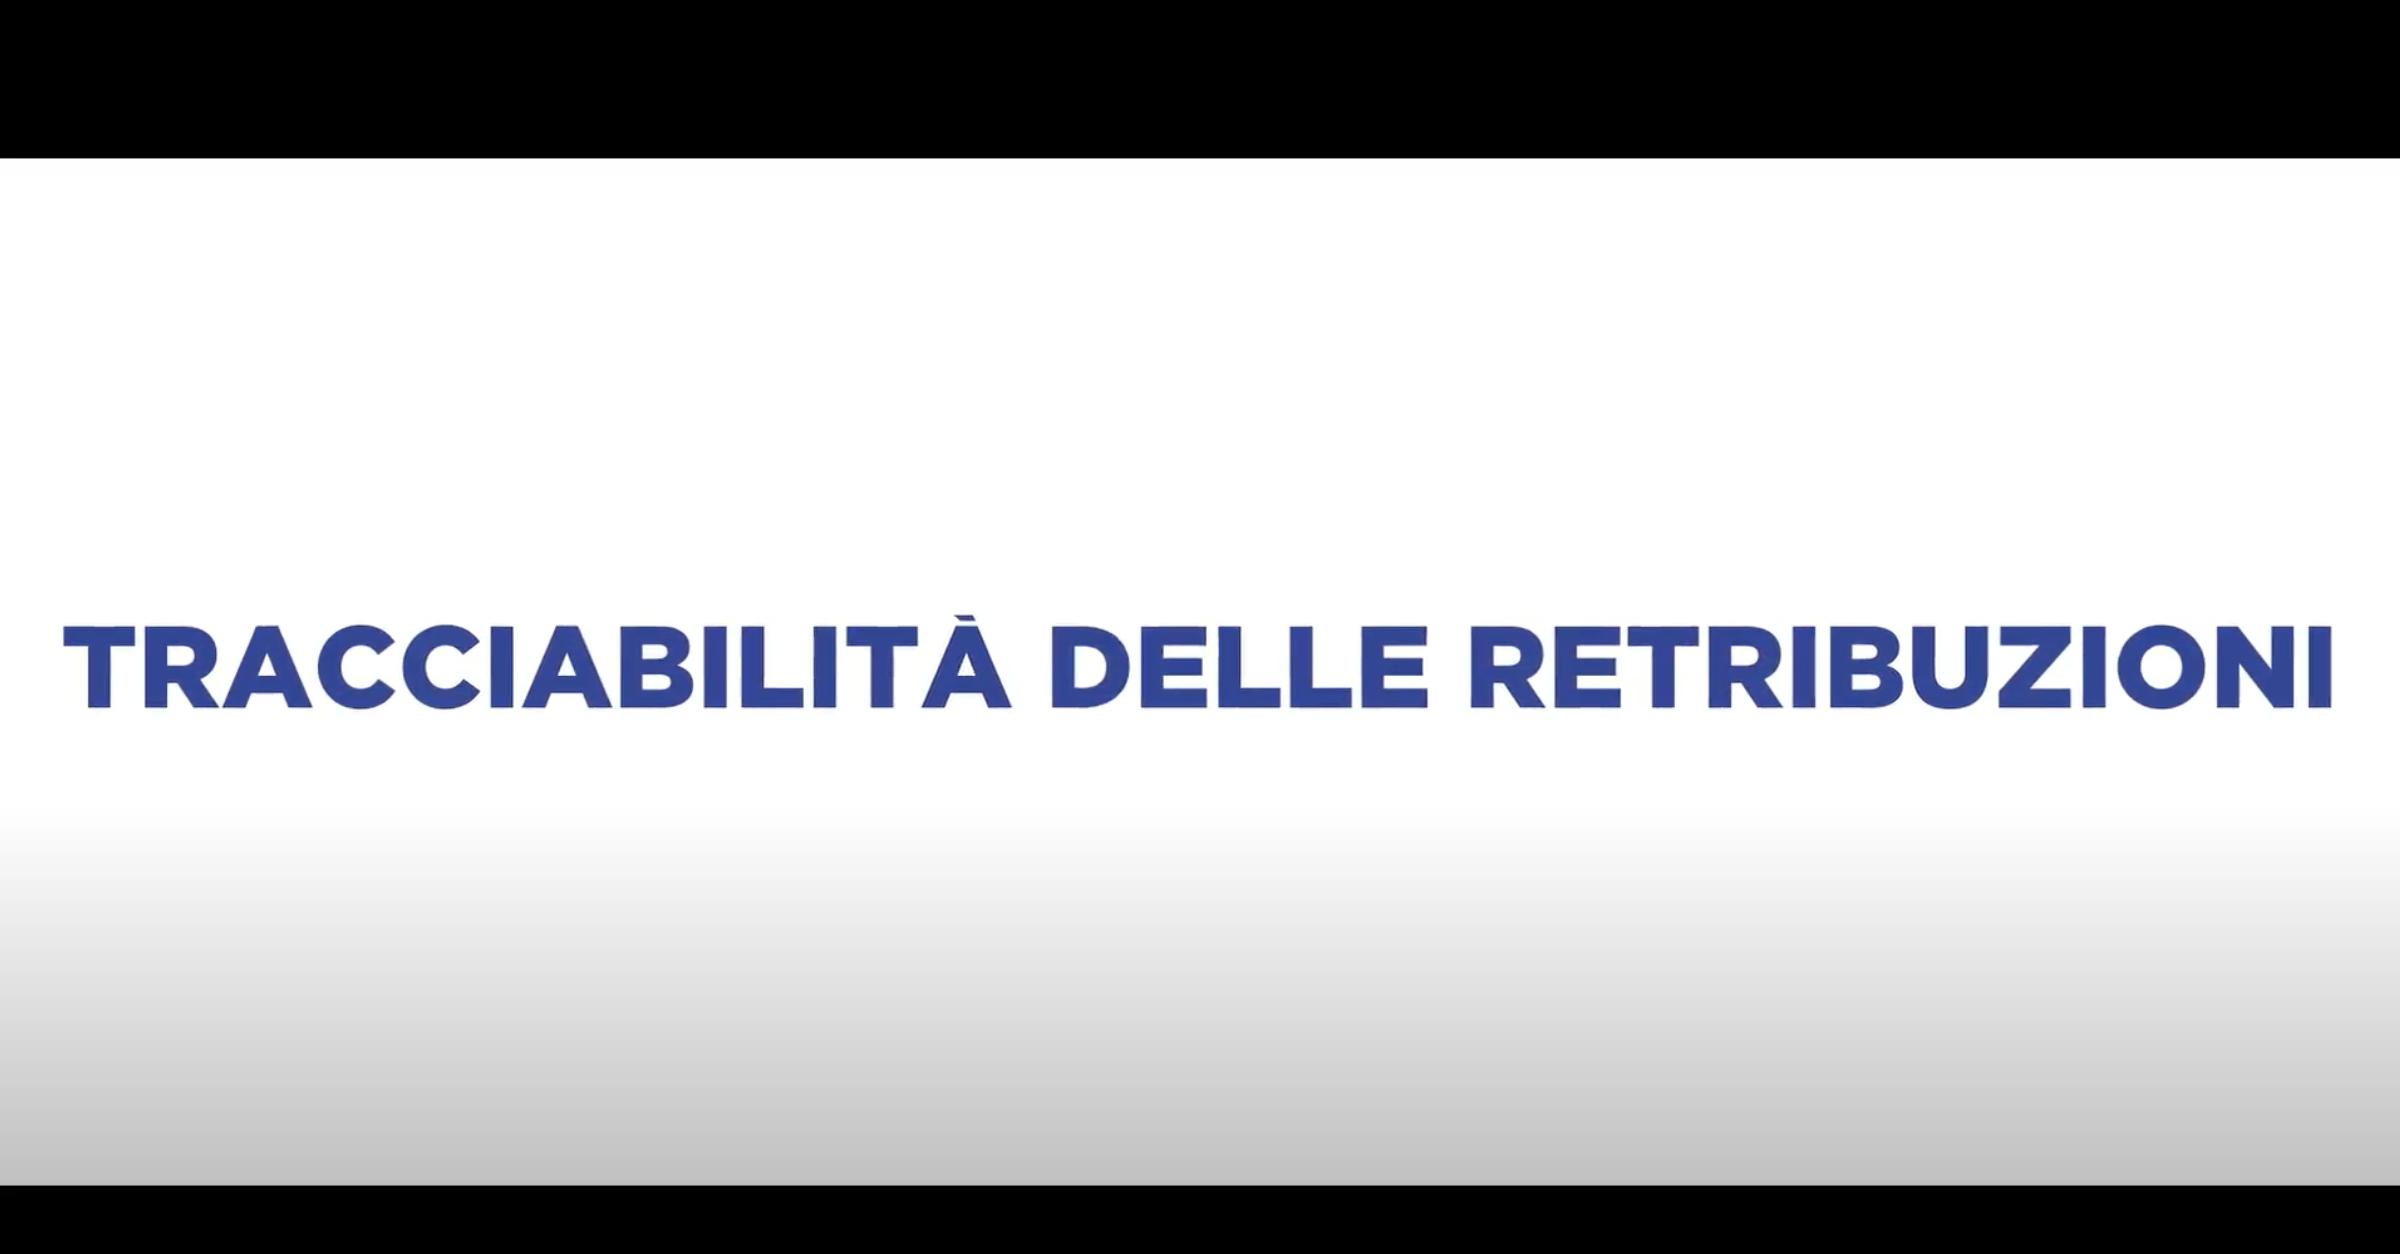 TRACCIABILITA' DELLE RETRIBUZIONI